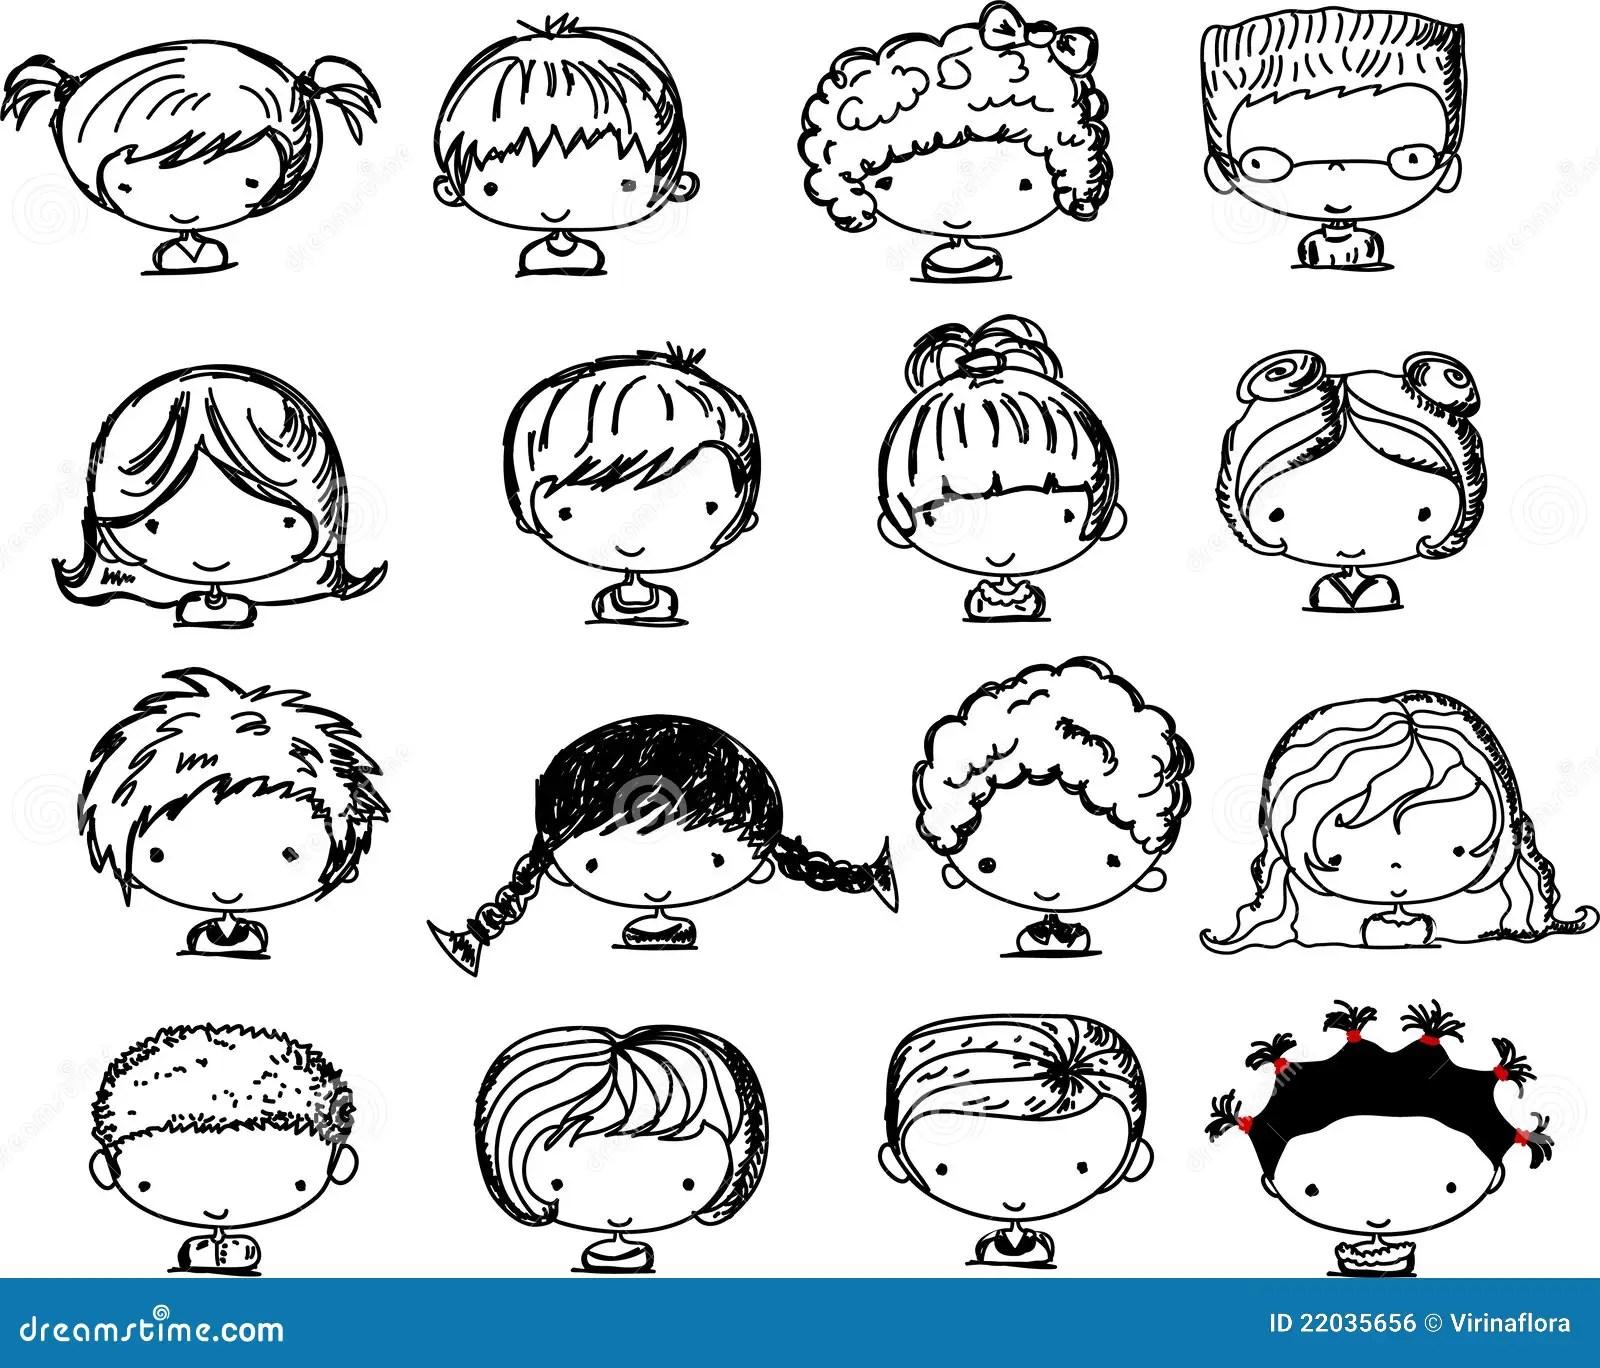 Karikaturgesichter Der Kinder Vektor Vektor Abbildung